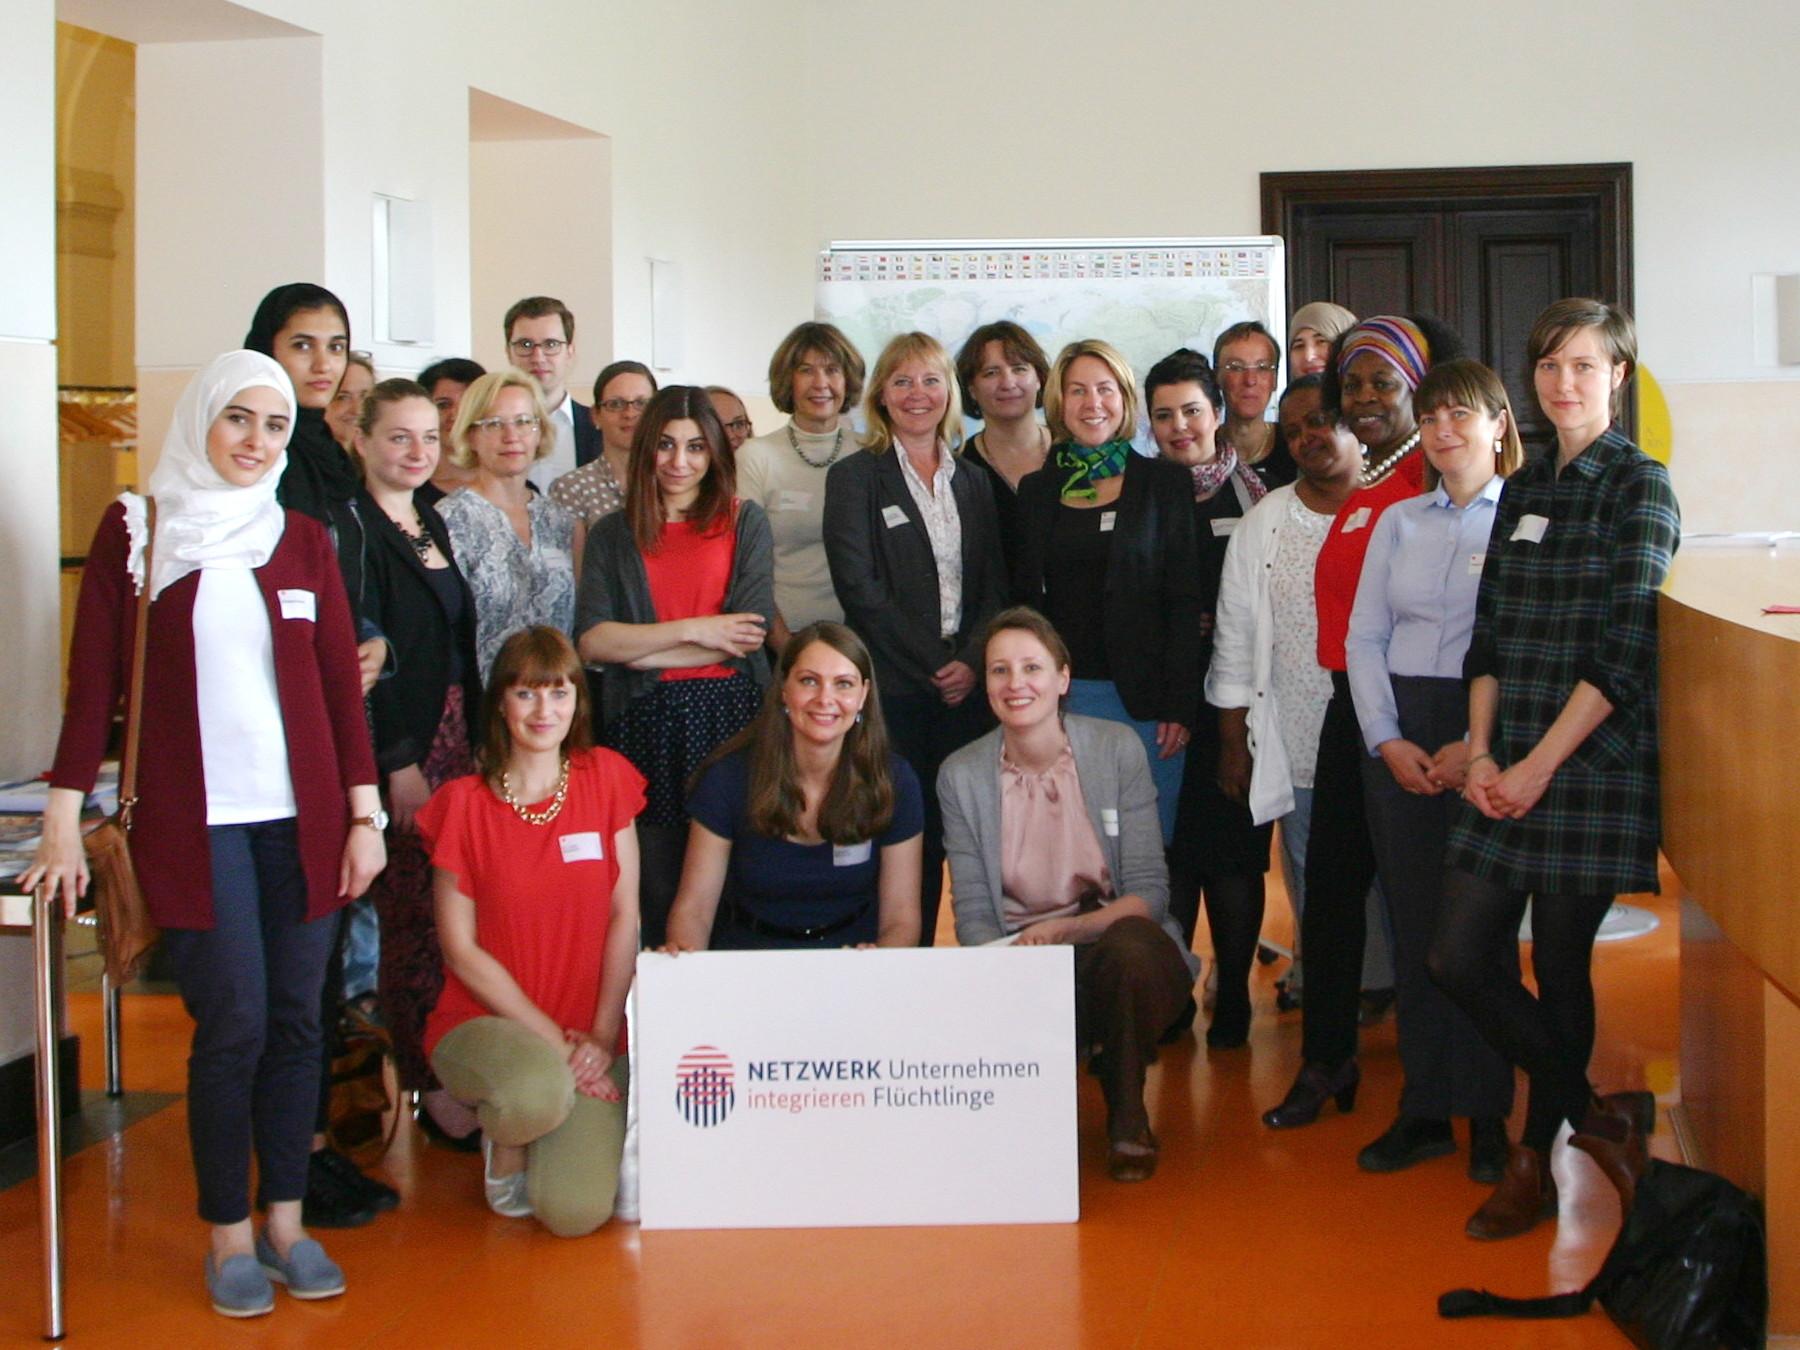 NETZWERK veranstaltet 1. Expertenrunde Geflüchtete Frauen